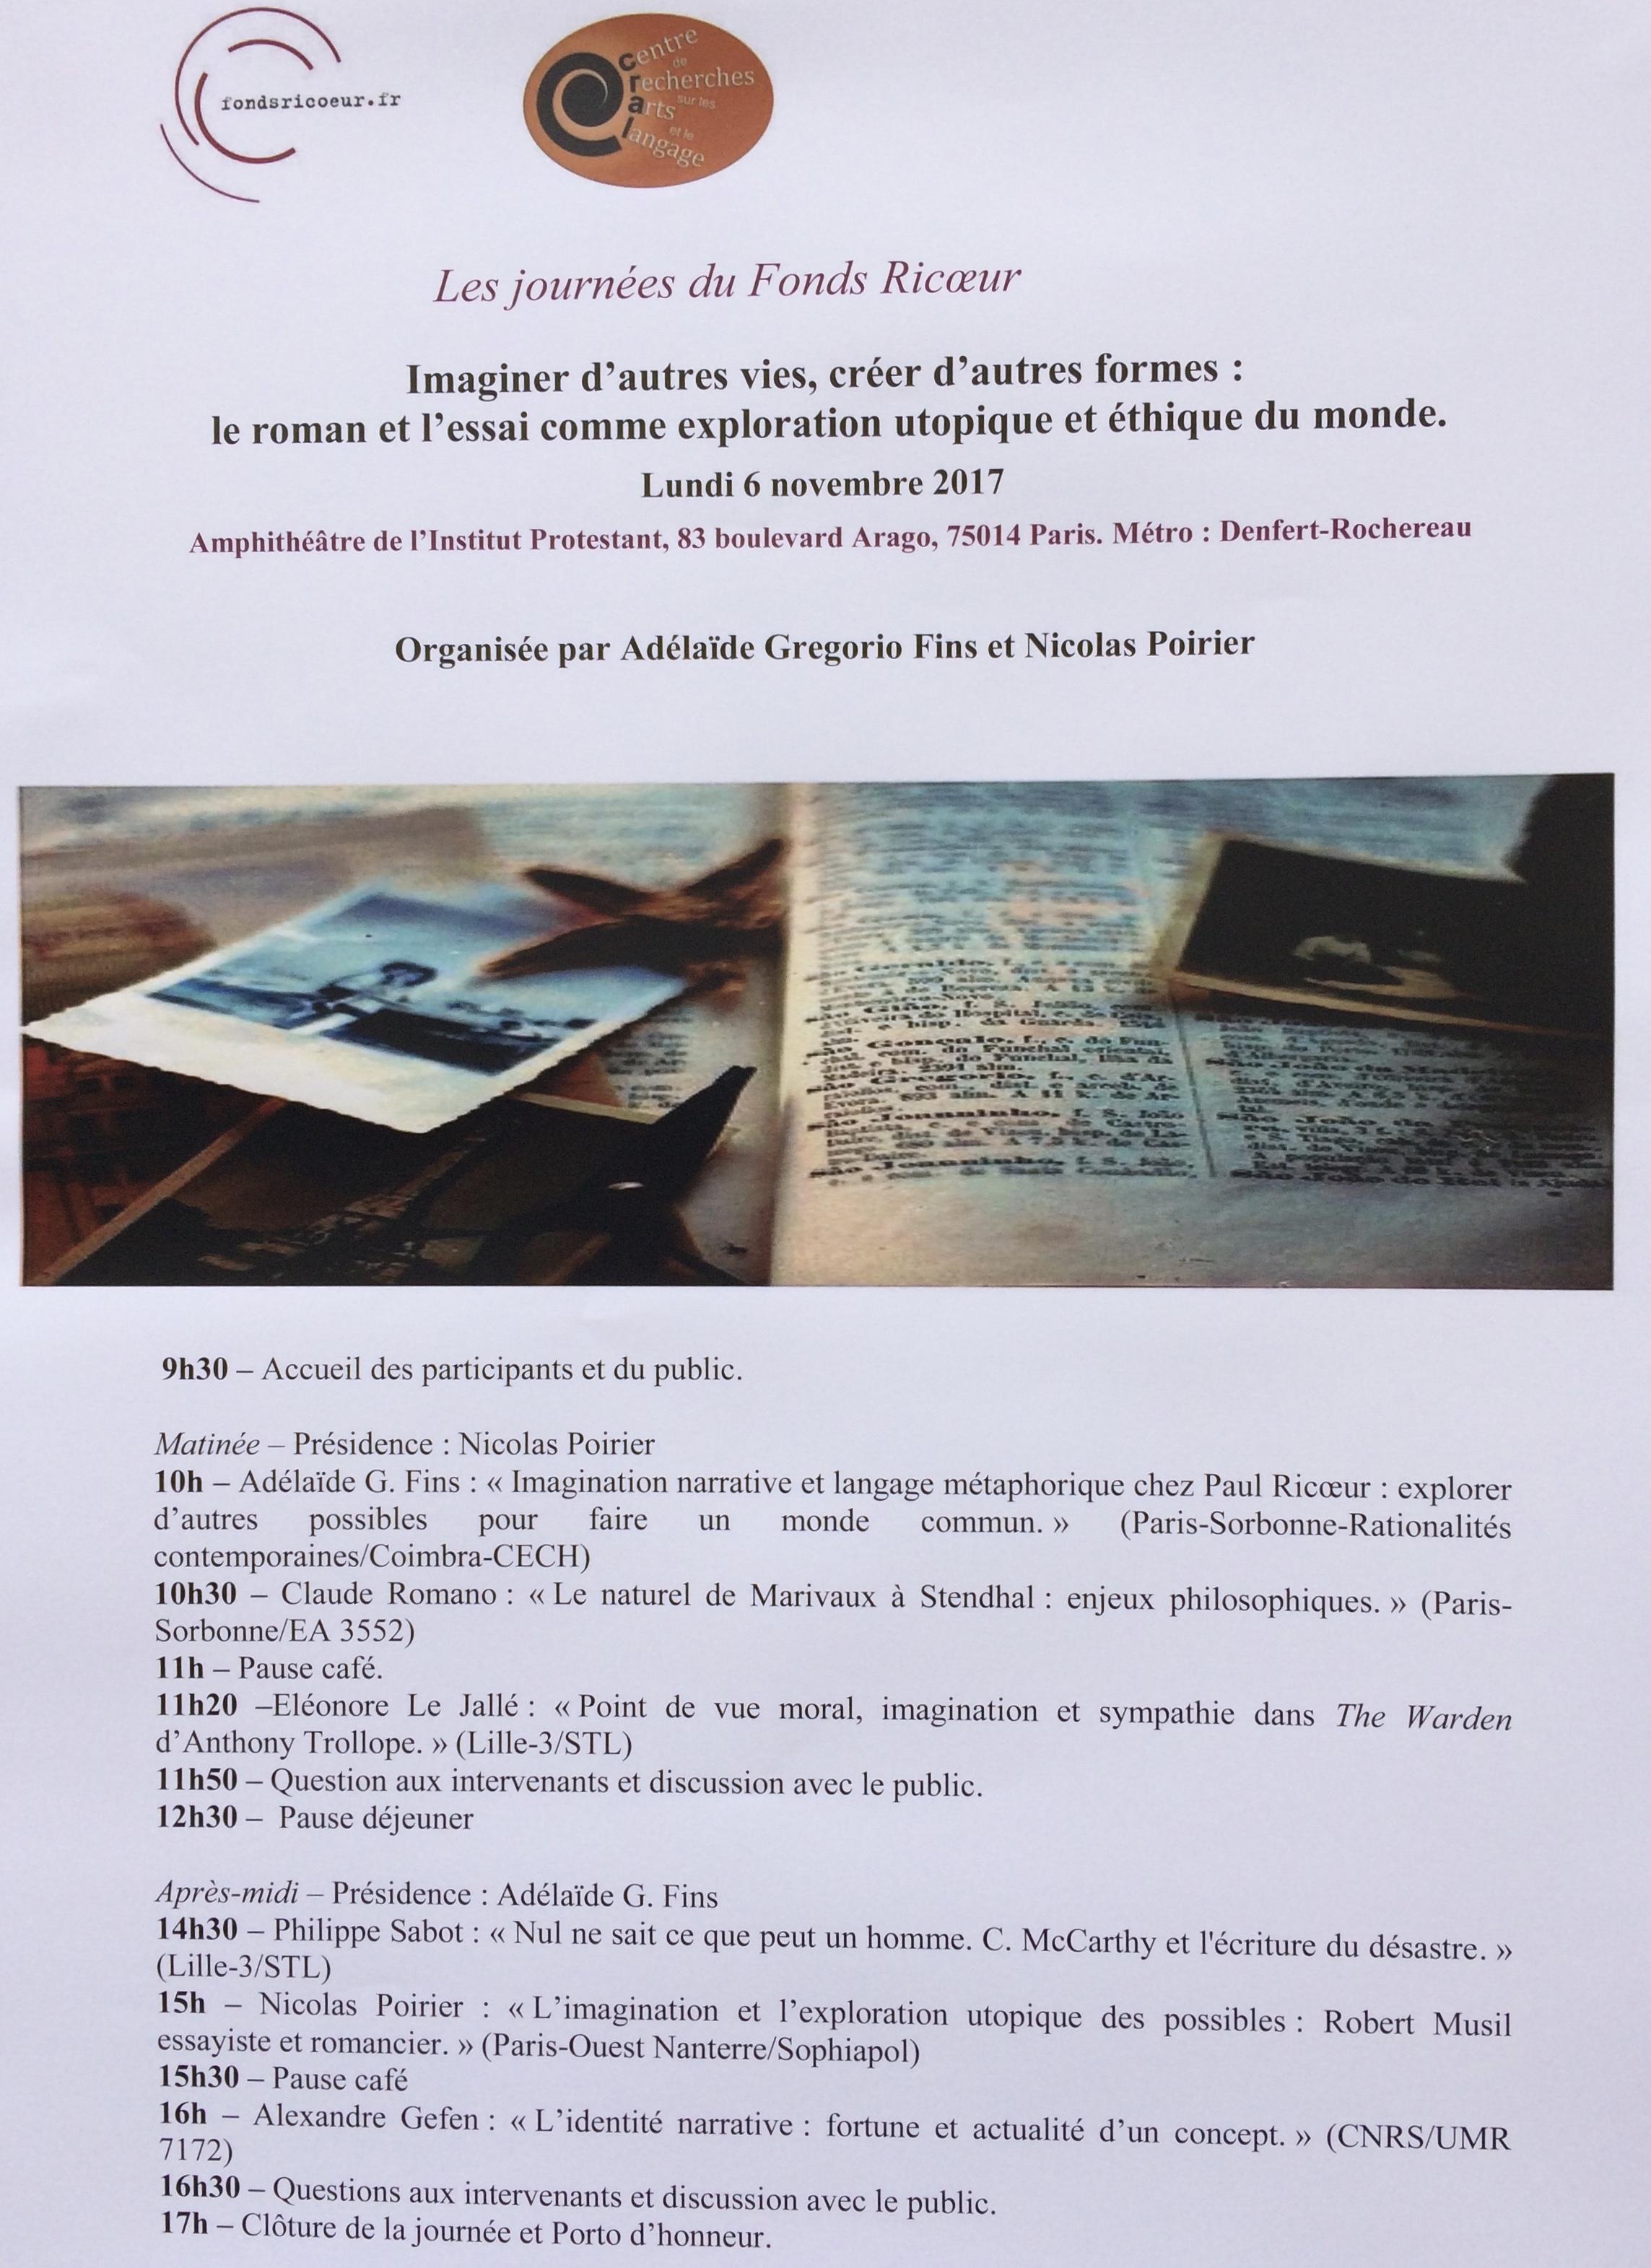 Imaginer d'autres vies, créer d'autres formes : le roman et l'essai comme exploration utopique et éthique du monde (Paris)